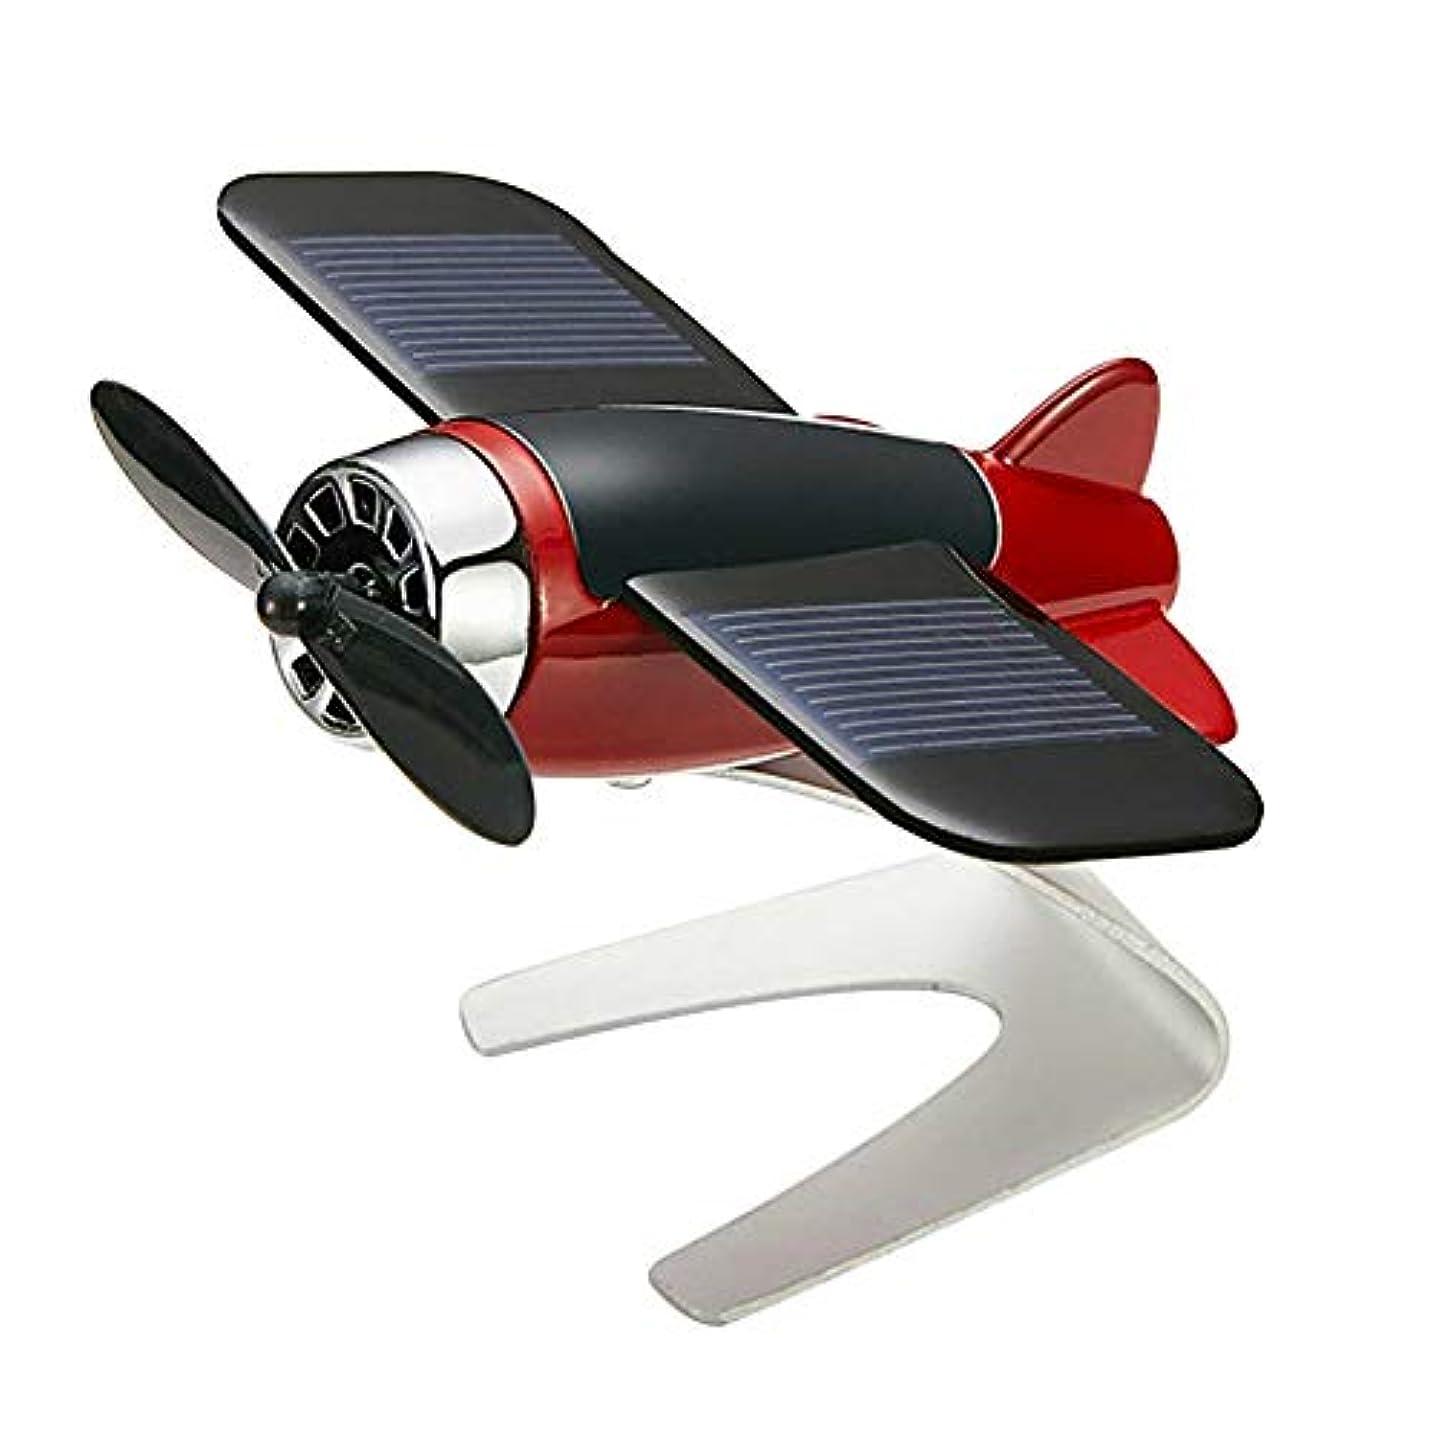 種類シーサイド波紋Symboat 車の芳香剤飛行機航空機モデル太陽エネルギーアロマテラピー室内装飾